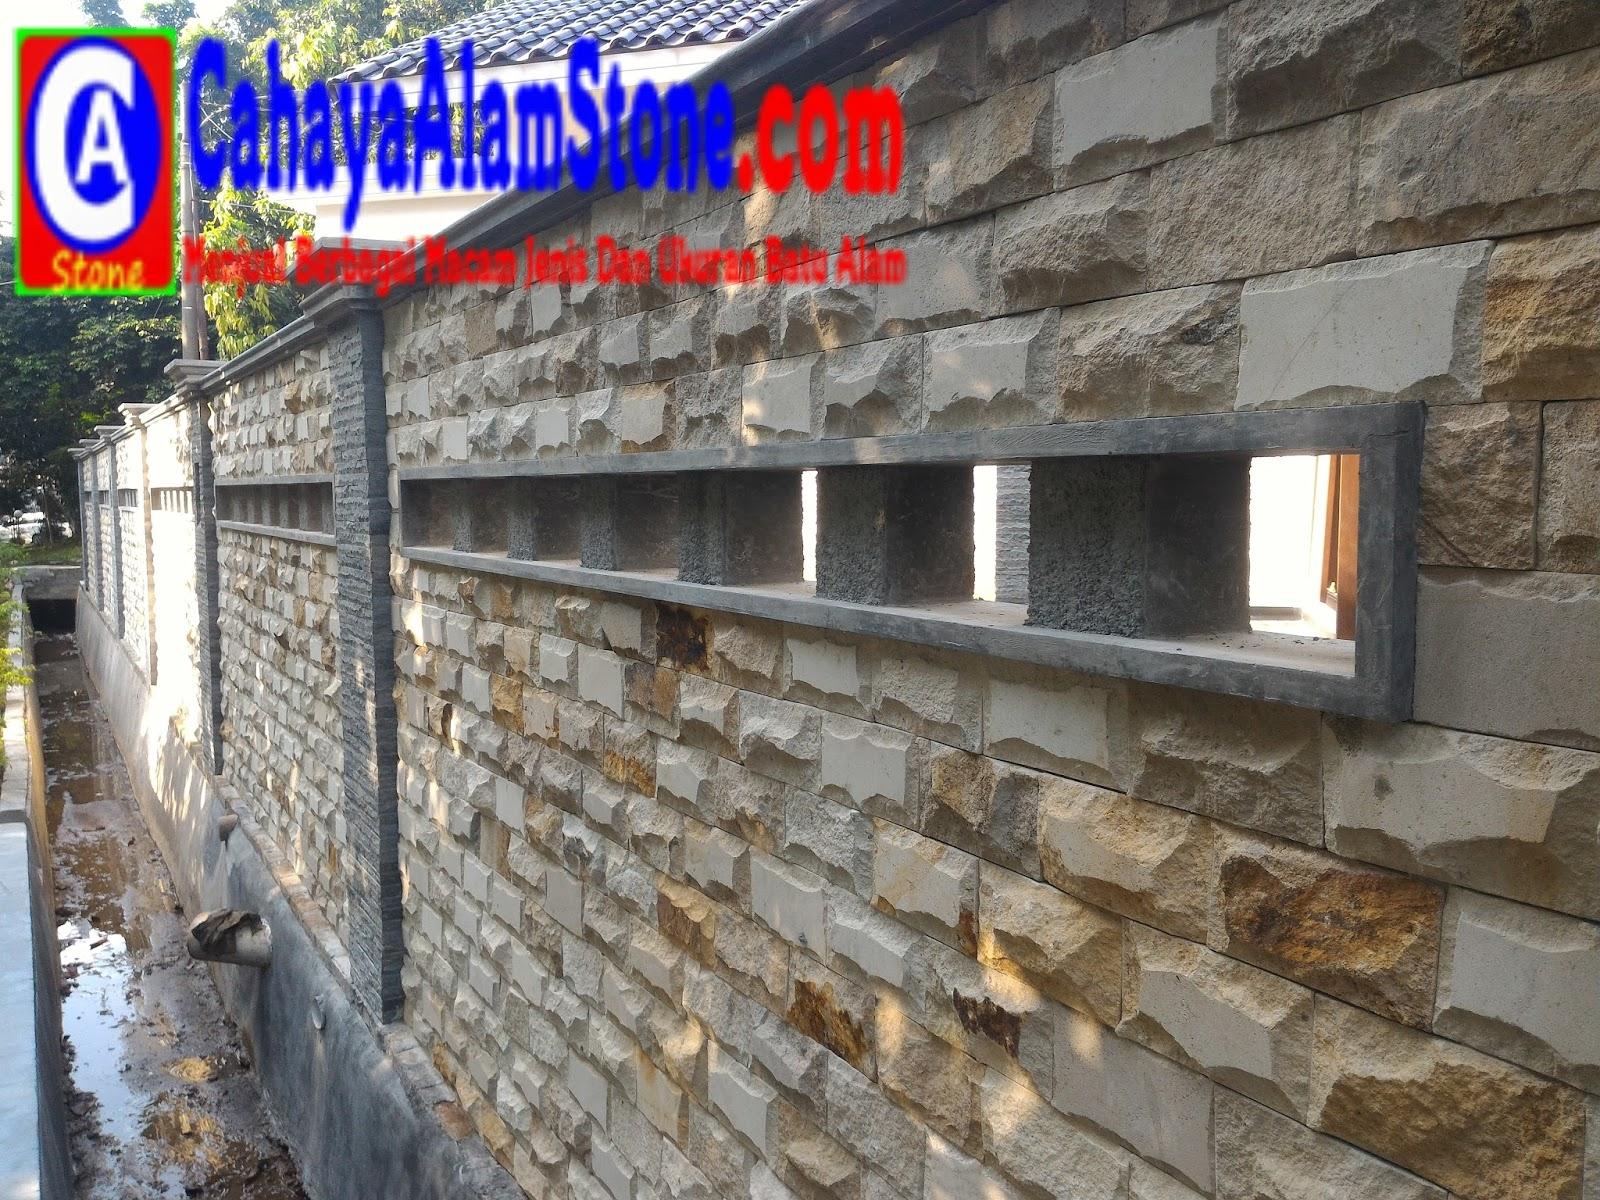 Jenis Batu Alam Untuk Dinding Pagar Depan Rumah Cahaya Templek Penggunaan Finishing Bangunan Banyak Diminati Karena Sangat Alami Dilihat Hasil Nya Selain Itu Corak